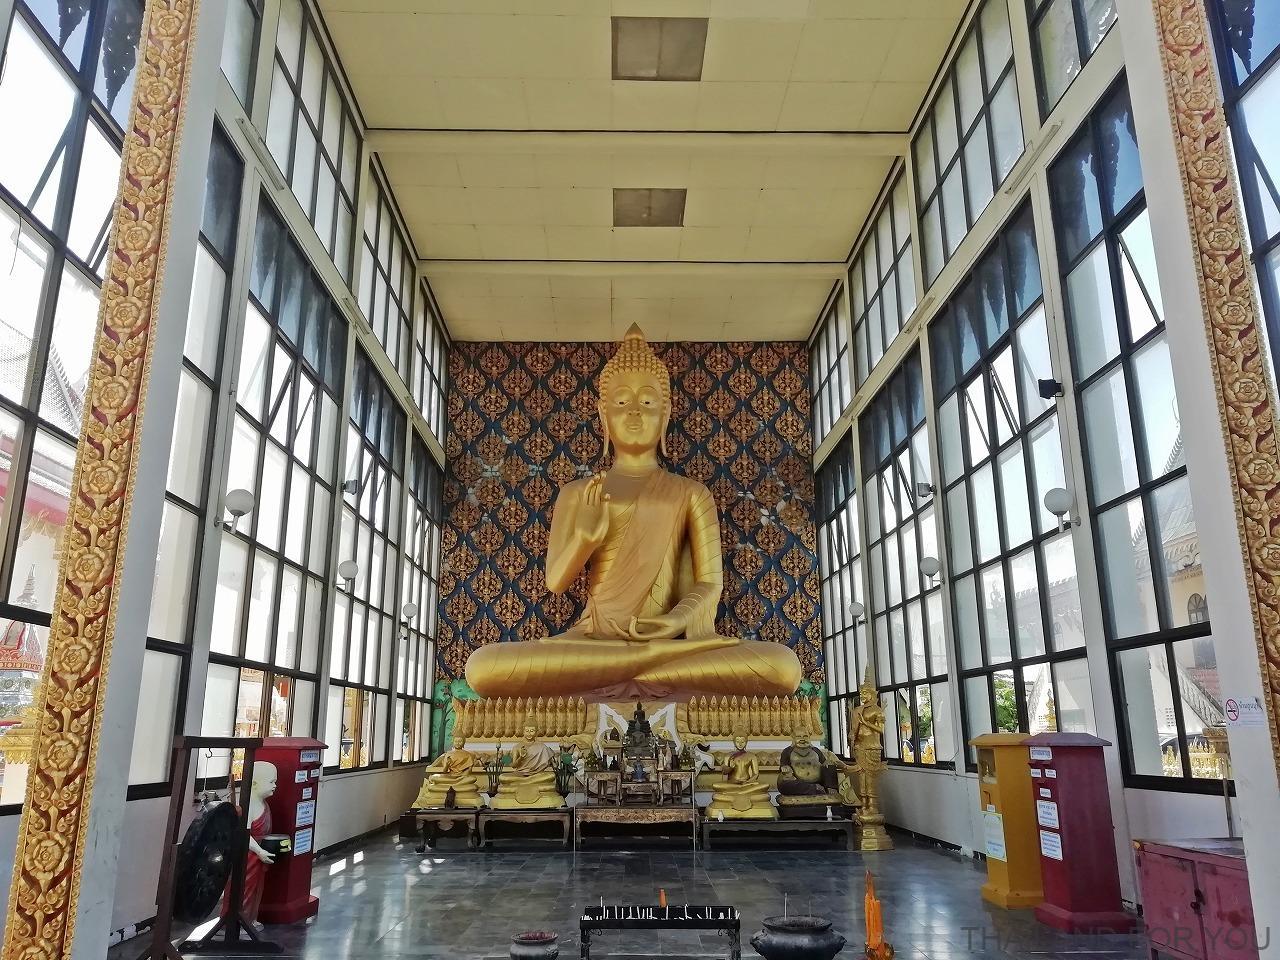 ムクダハーン ワットヨートケーオシーウィチャイ Wat Yot Kaeo Sriwichai タイ